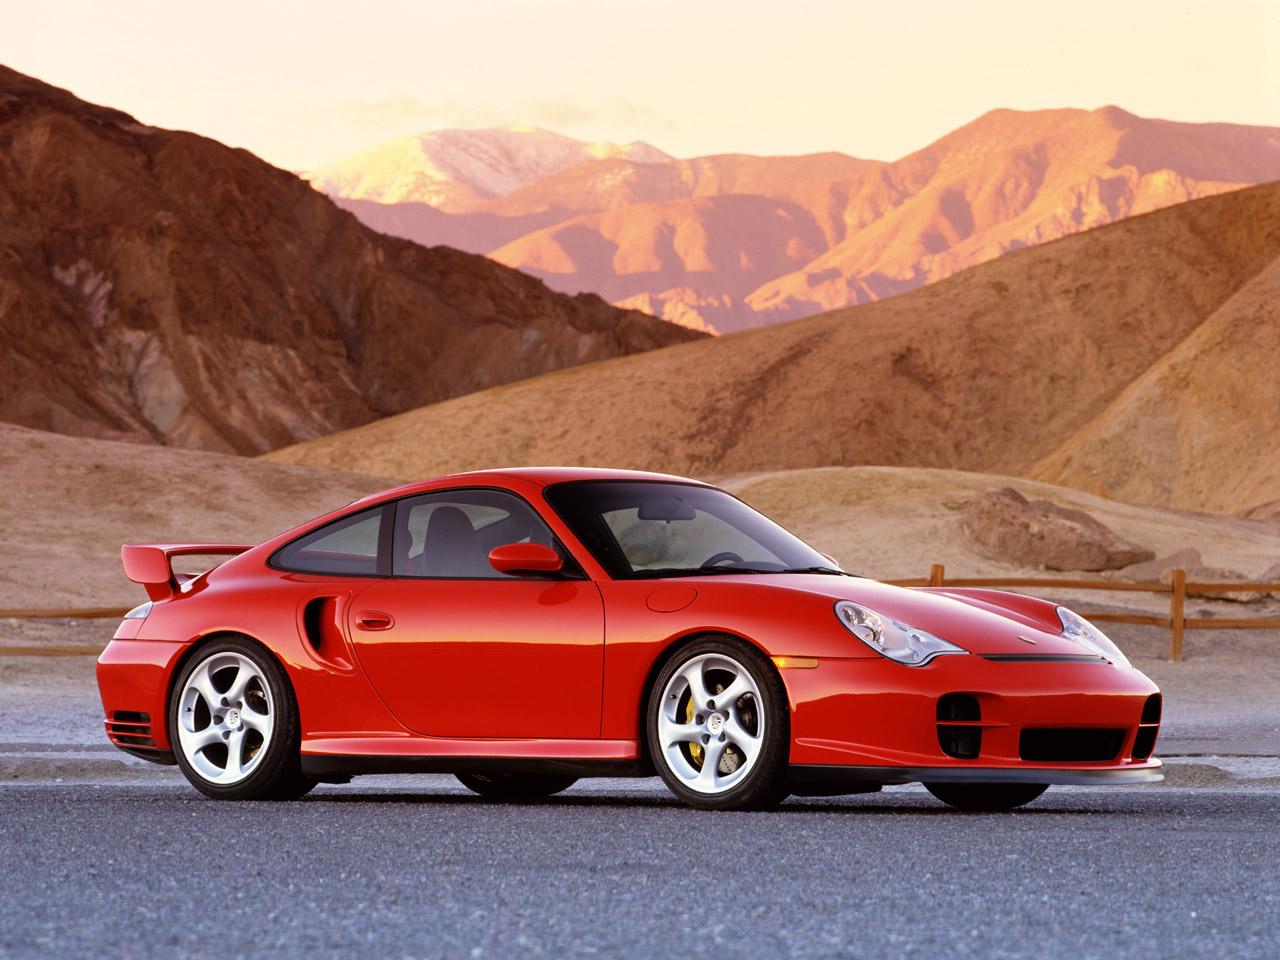 Porsche GT2 996 light weight exclusive Wallpaper Backgrounds